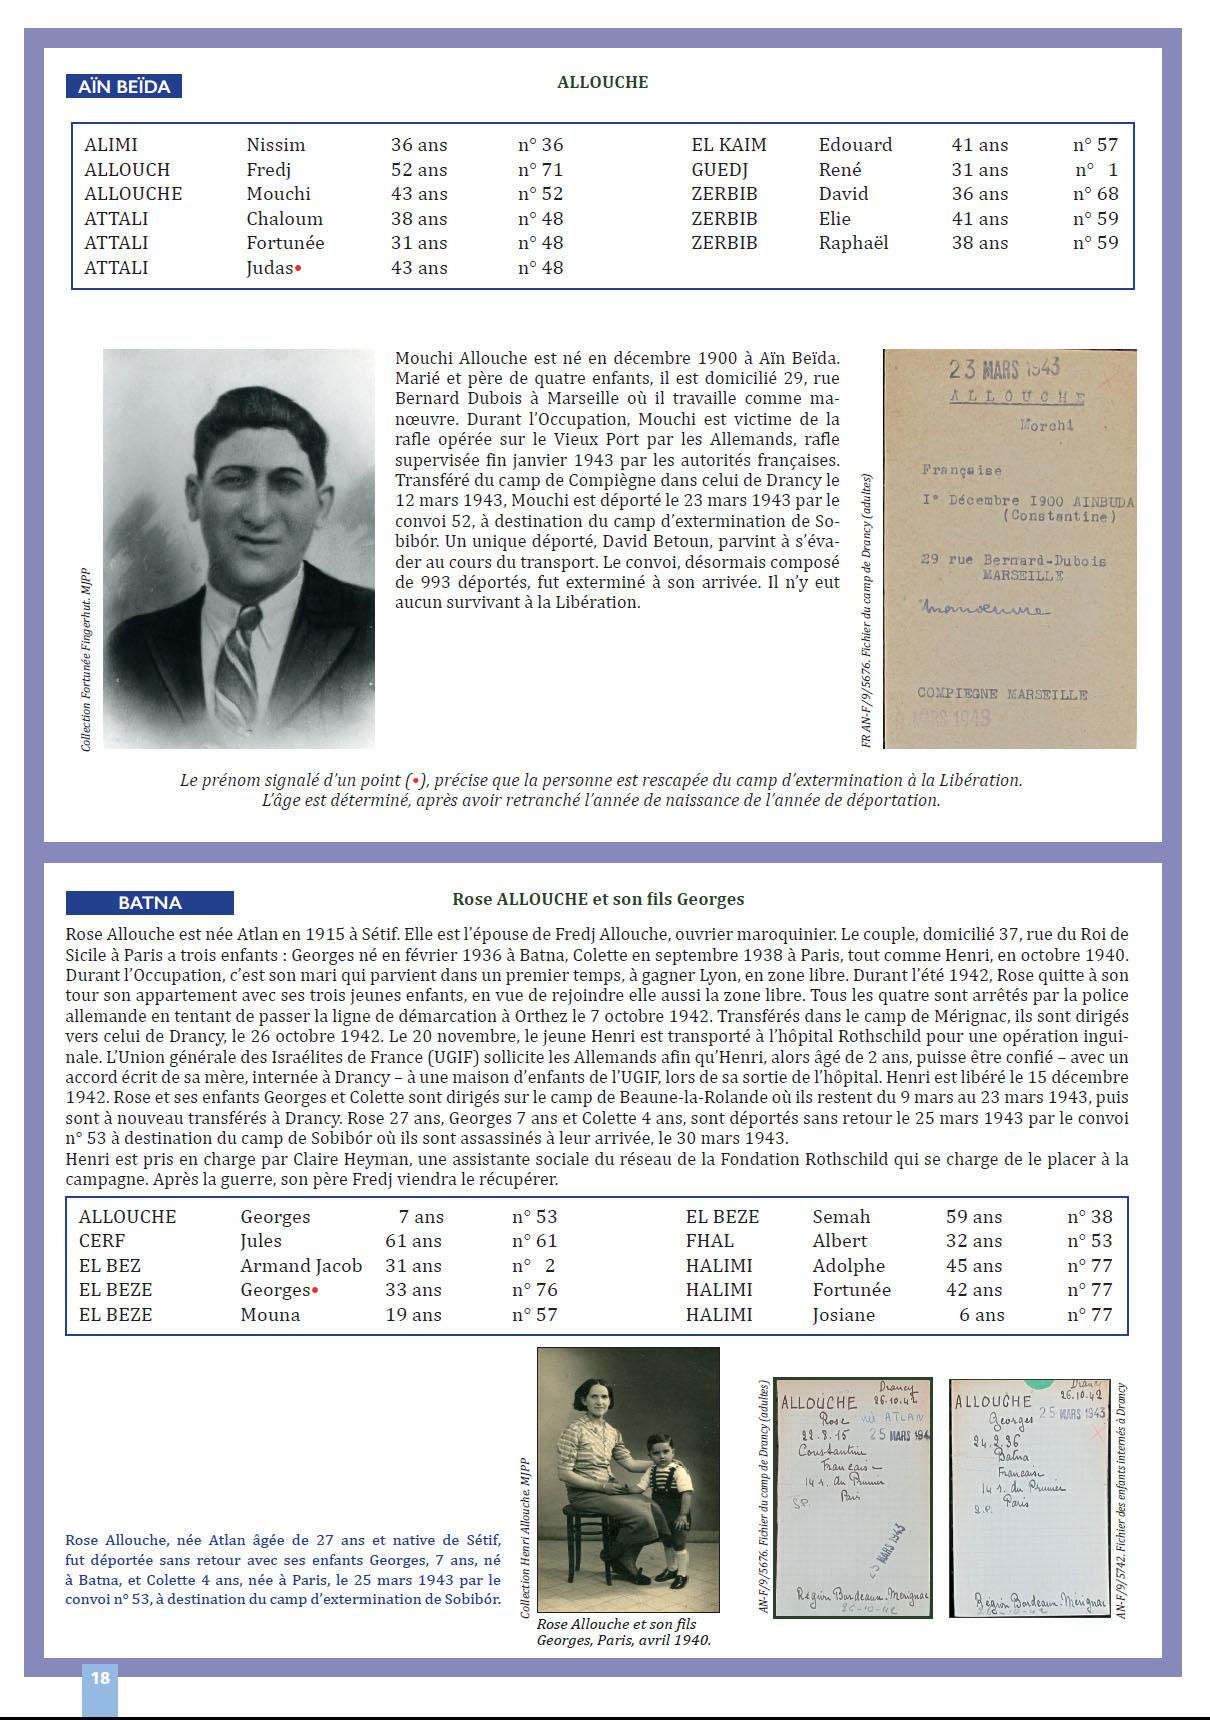 Jean laloum 2 page 4